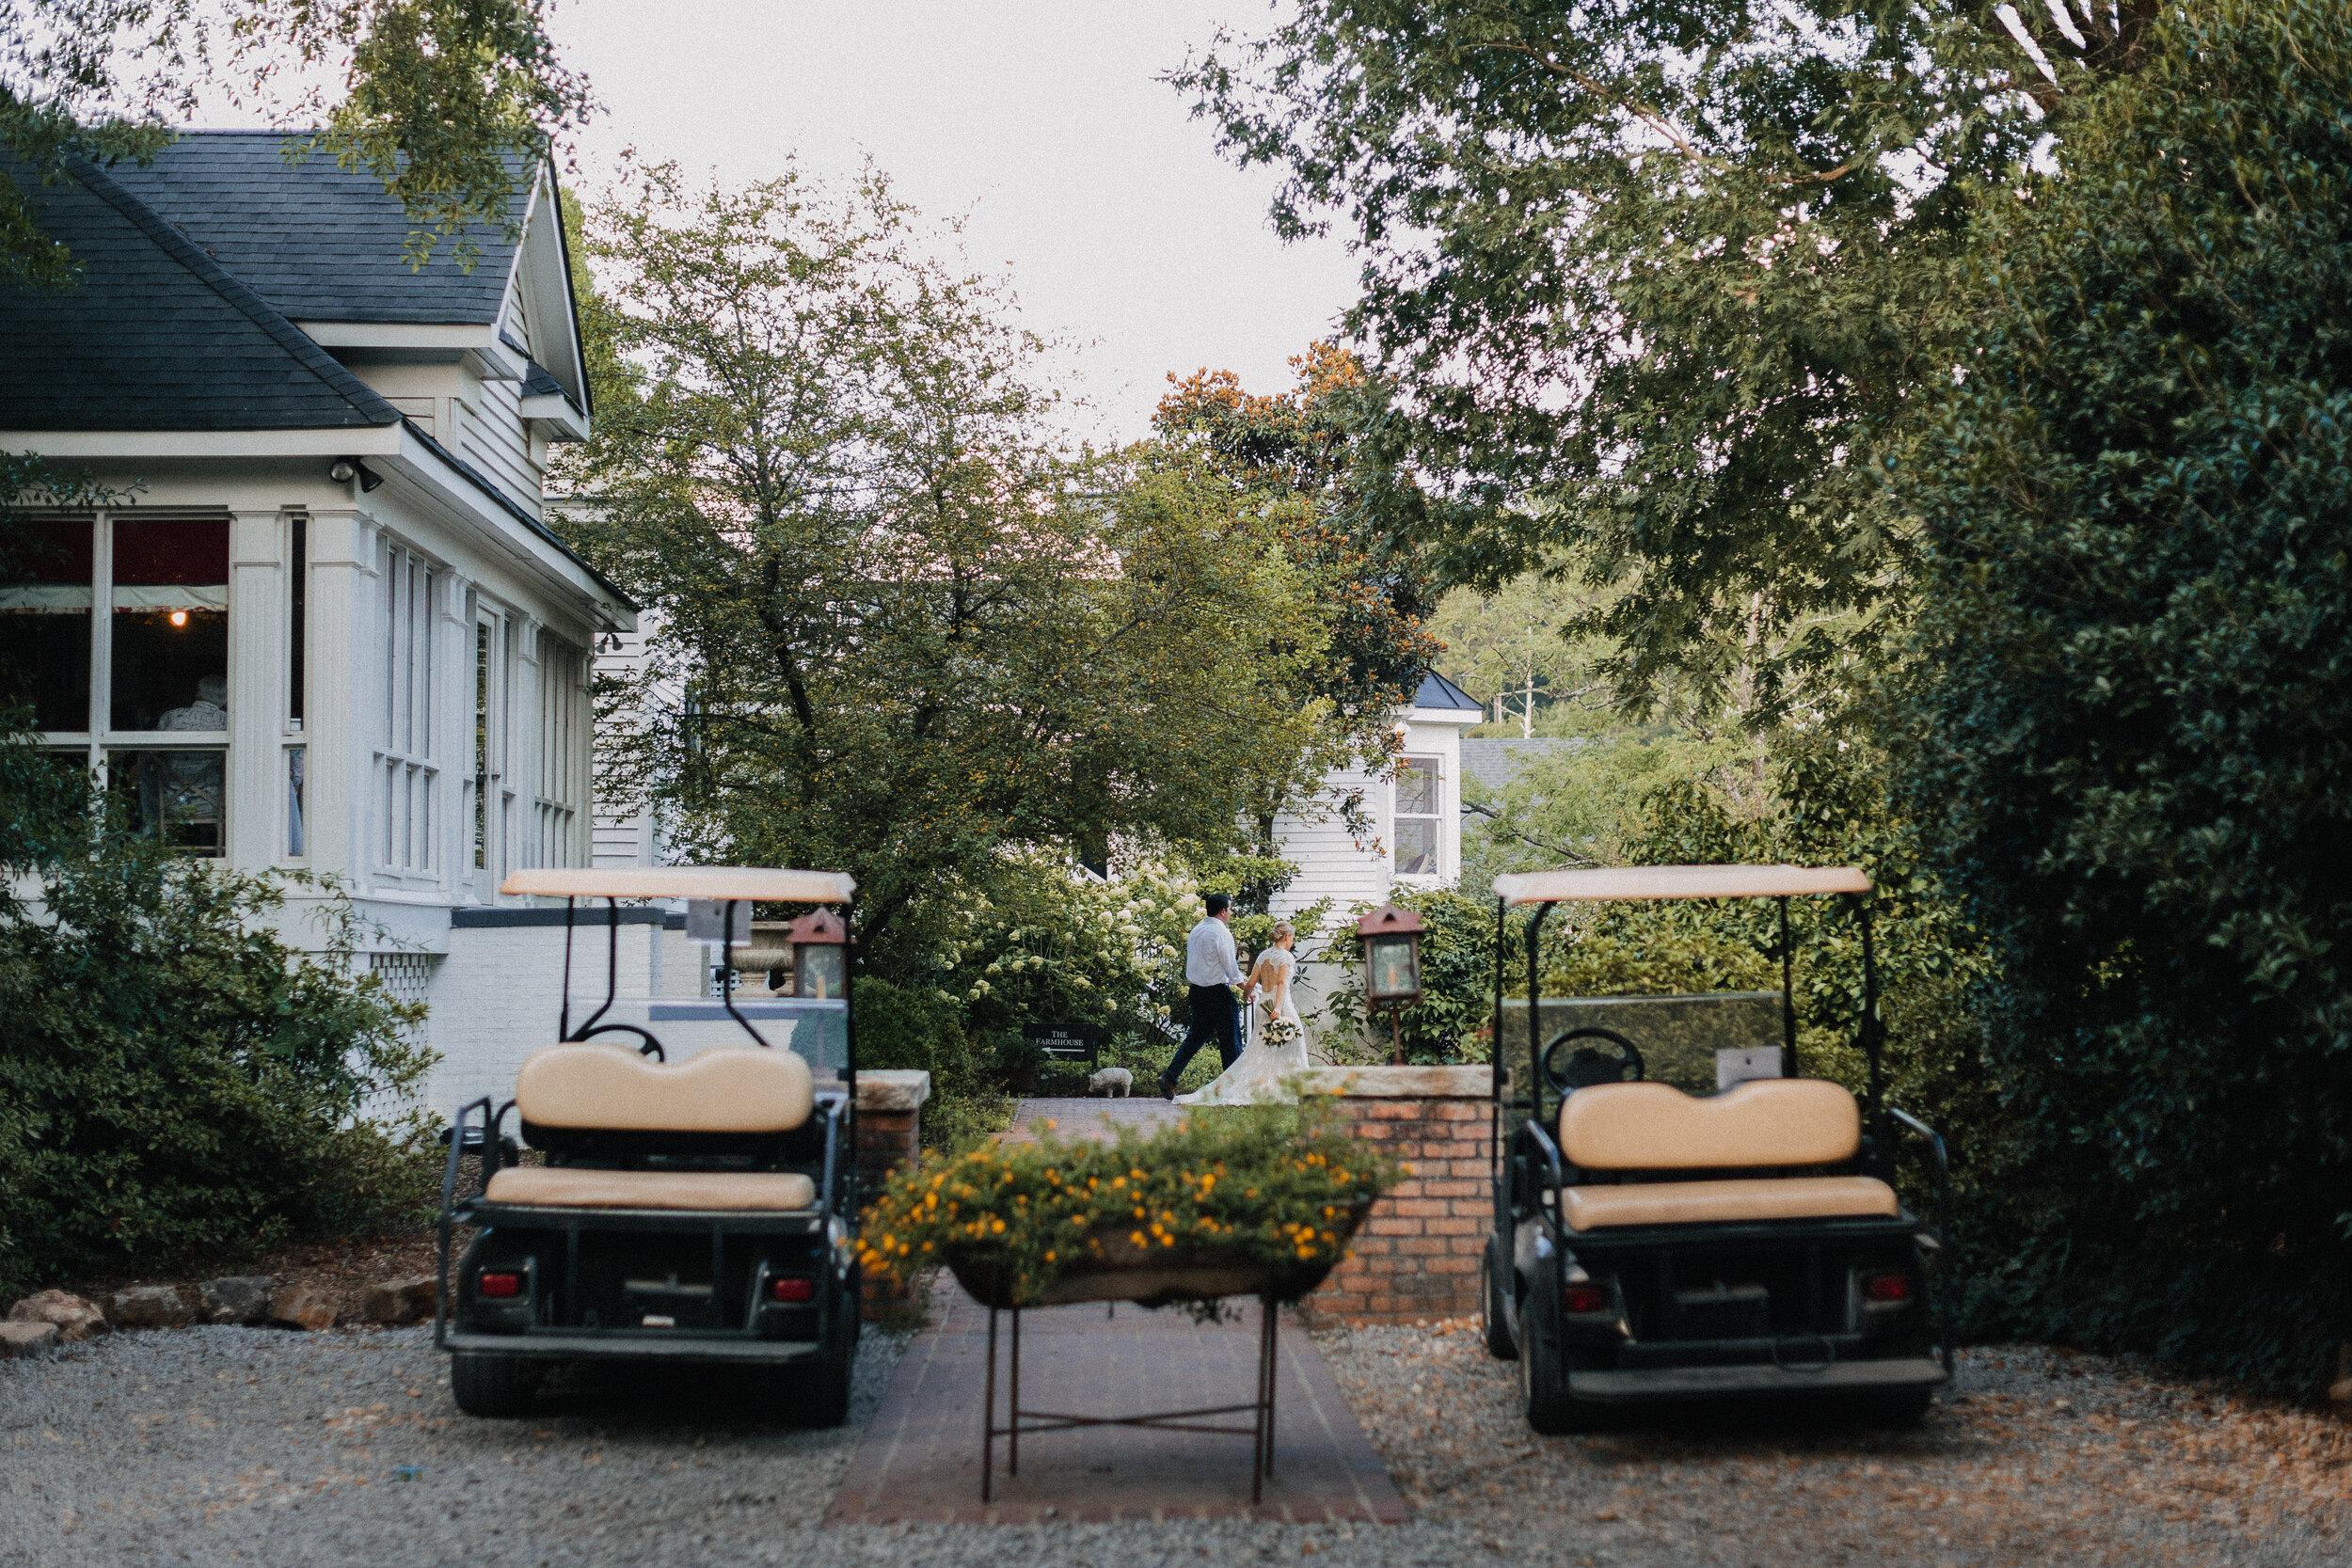 serenbe_forest_summer_wedding_farmhouse_guest_house_garden_2208.jpg